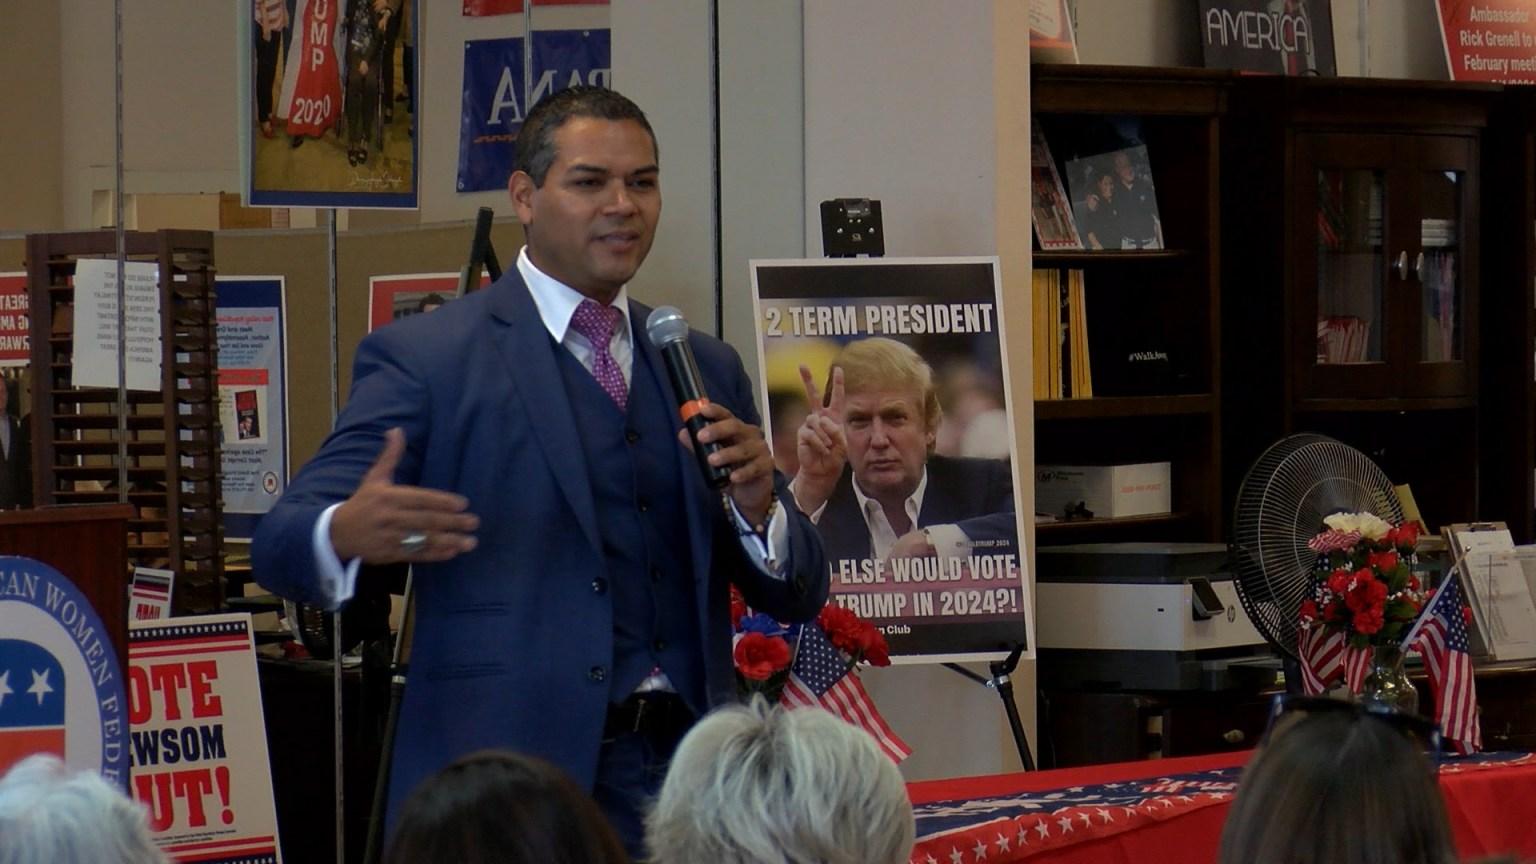 Councilman Steve Sanchez Announces Run For State Senate